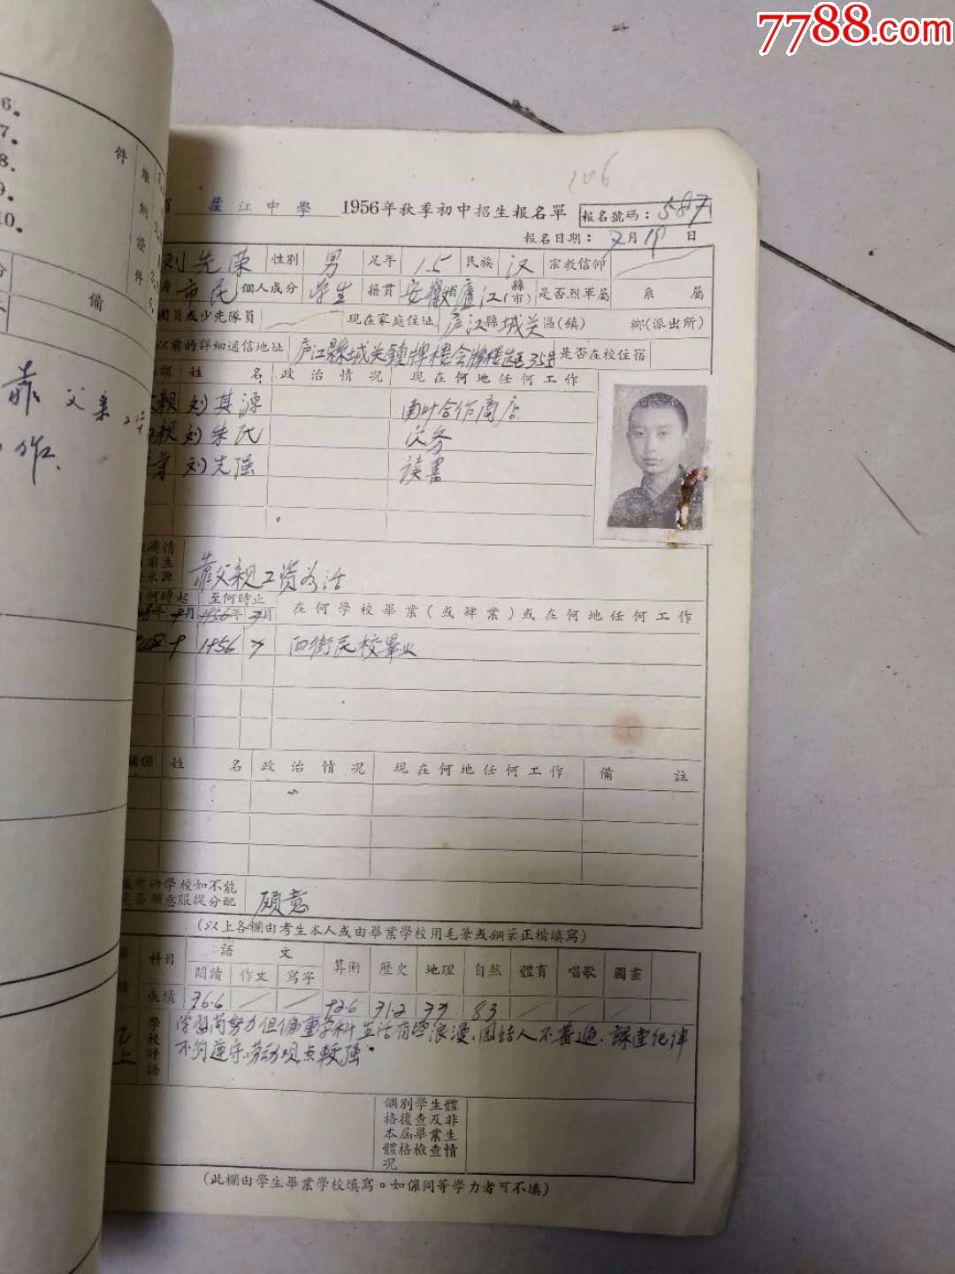 安徽省庐江中学1956年秋季周记初中报名单50了时间学生初中都去哪儿图片